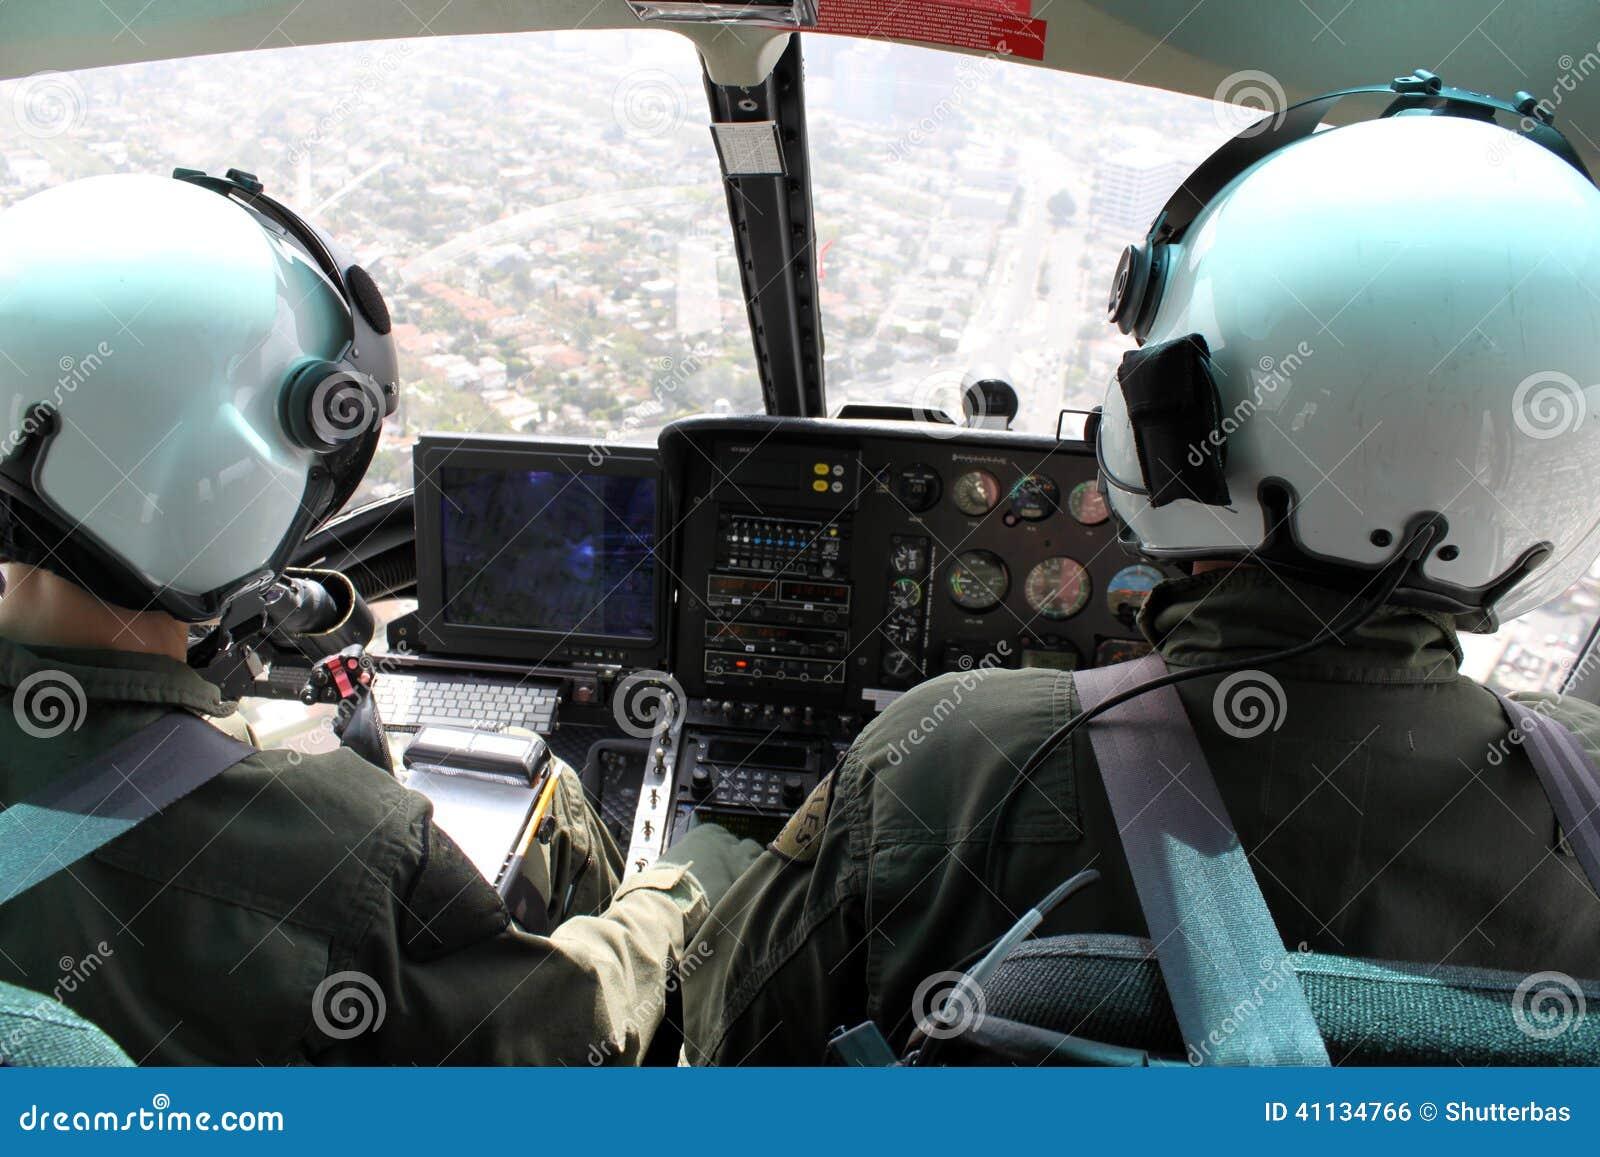 Elicottero Interno : Elicottero interno stock photos royalty free pictures